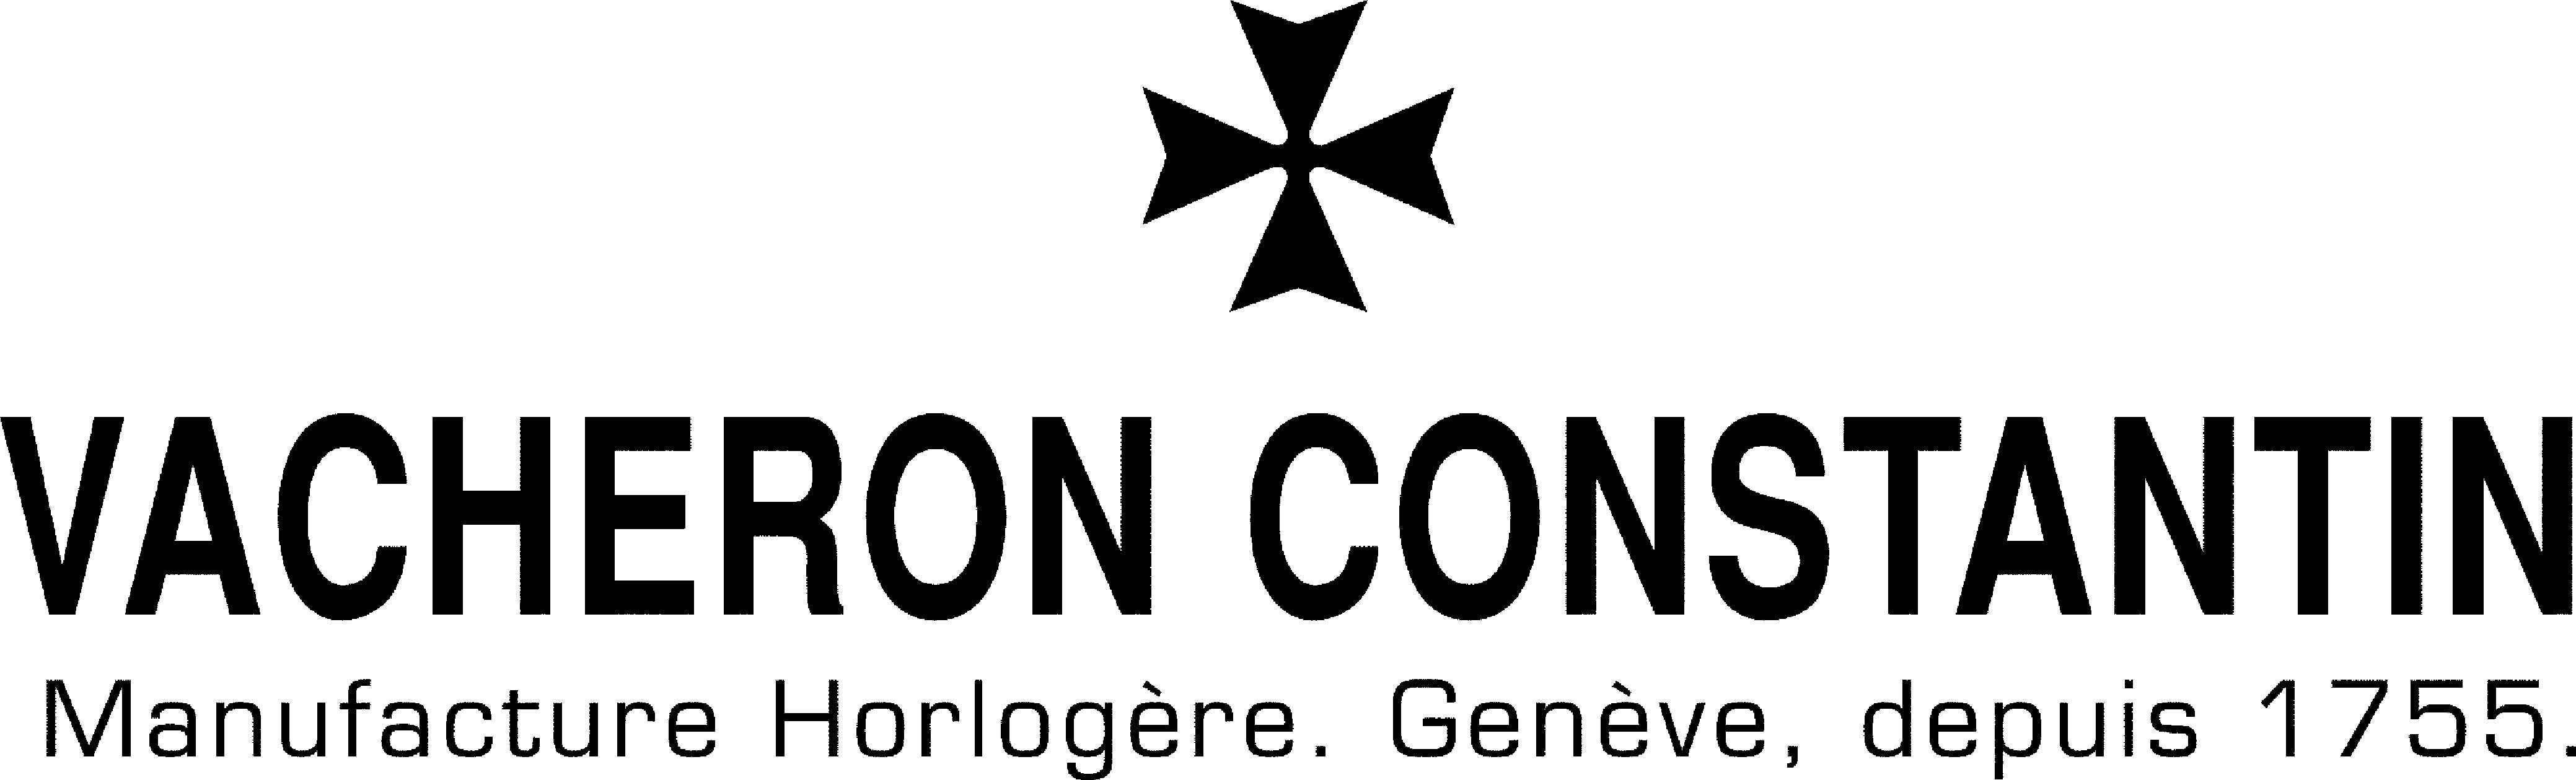 vacheron constantin-logo